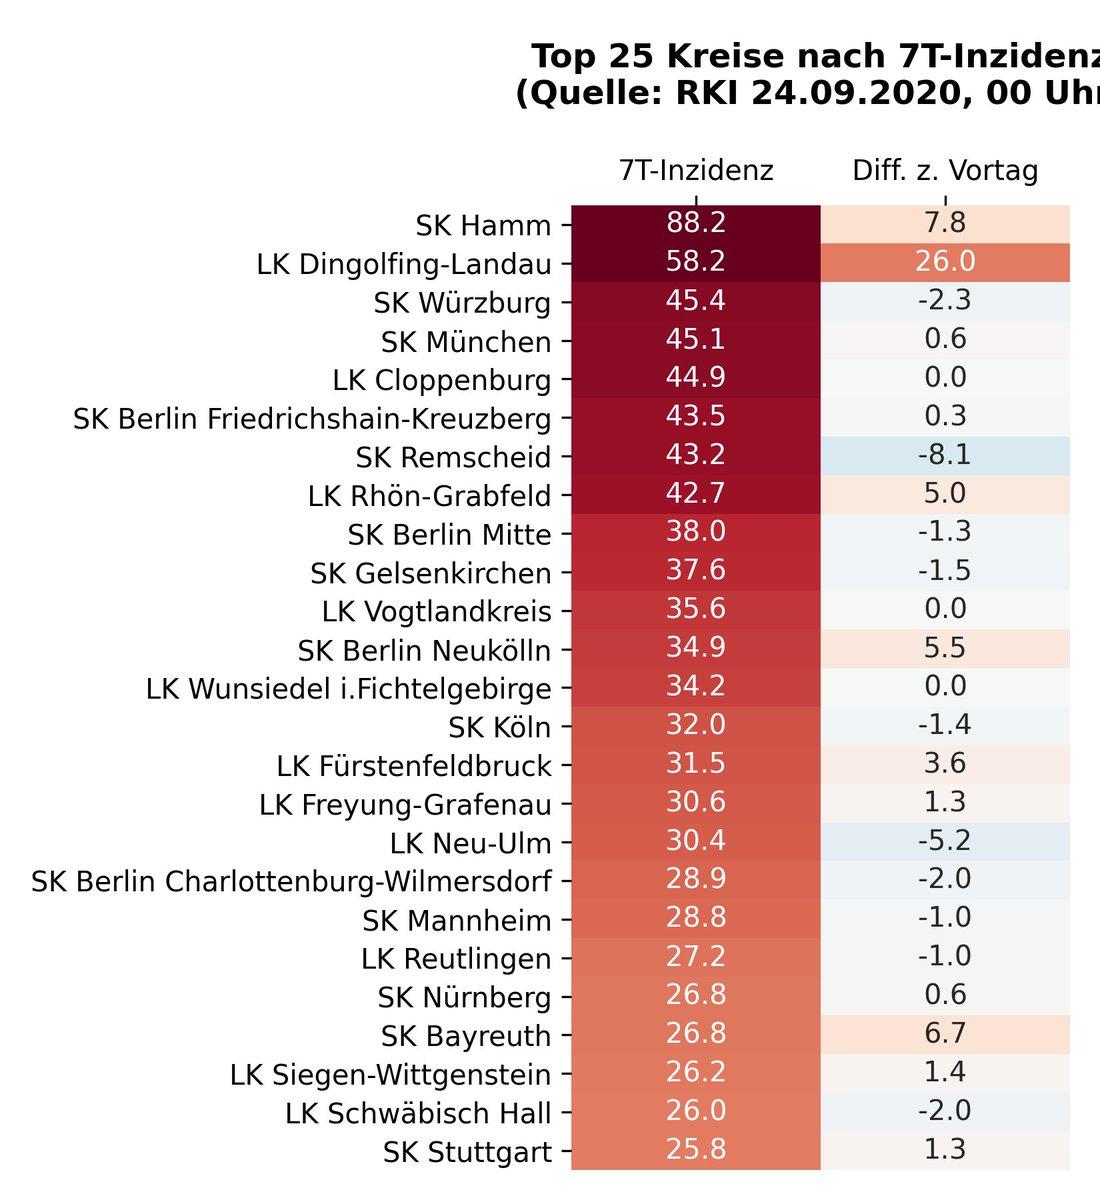 17 Kreise mit einer 7-Tage-Inzidenz höher als 30: SK #Hamm, LK Dingolfing-Landau, SK #Würzburg, SK #München, LK #Cloppenburg, #Berlin Friedrichshain-Kreuzberg, SK #Remscheid, LK Rhön-Grabfeld, #Berlin Mitte, SK #Köln Stand 24.09.2020. Quelle: https://t.co/1tGRxWLATT #covid19de https://t.co/2a5gw8LVxP